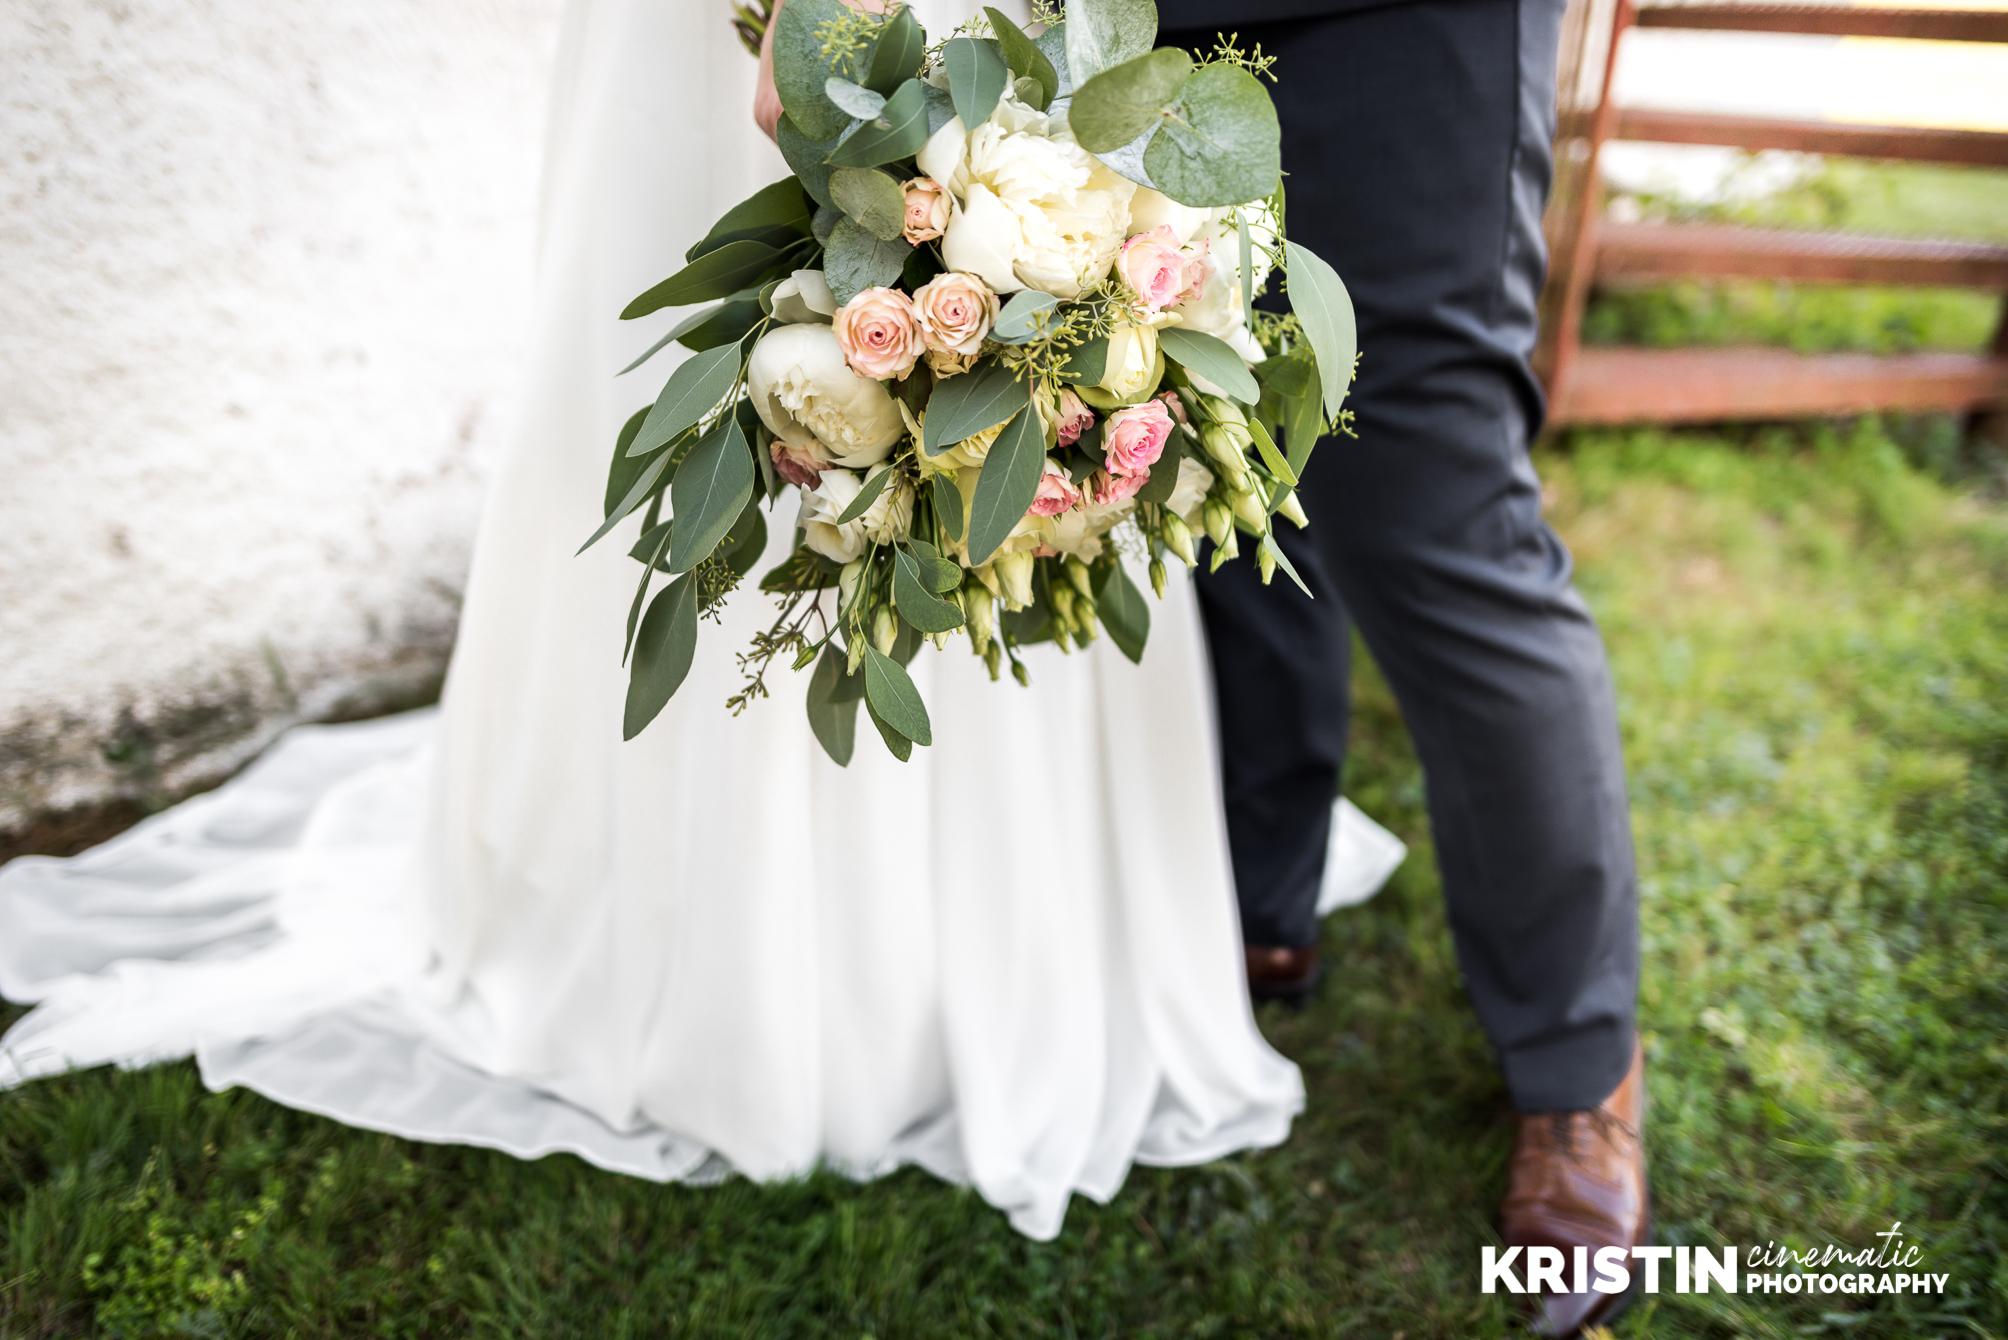 Tängsta gård 2018 - När en av ens närmsta vänner gifter sig och man får föreviga hela dagen och sminka den fantastiska bruden.